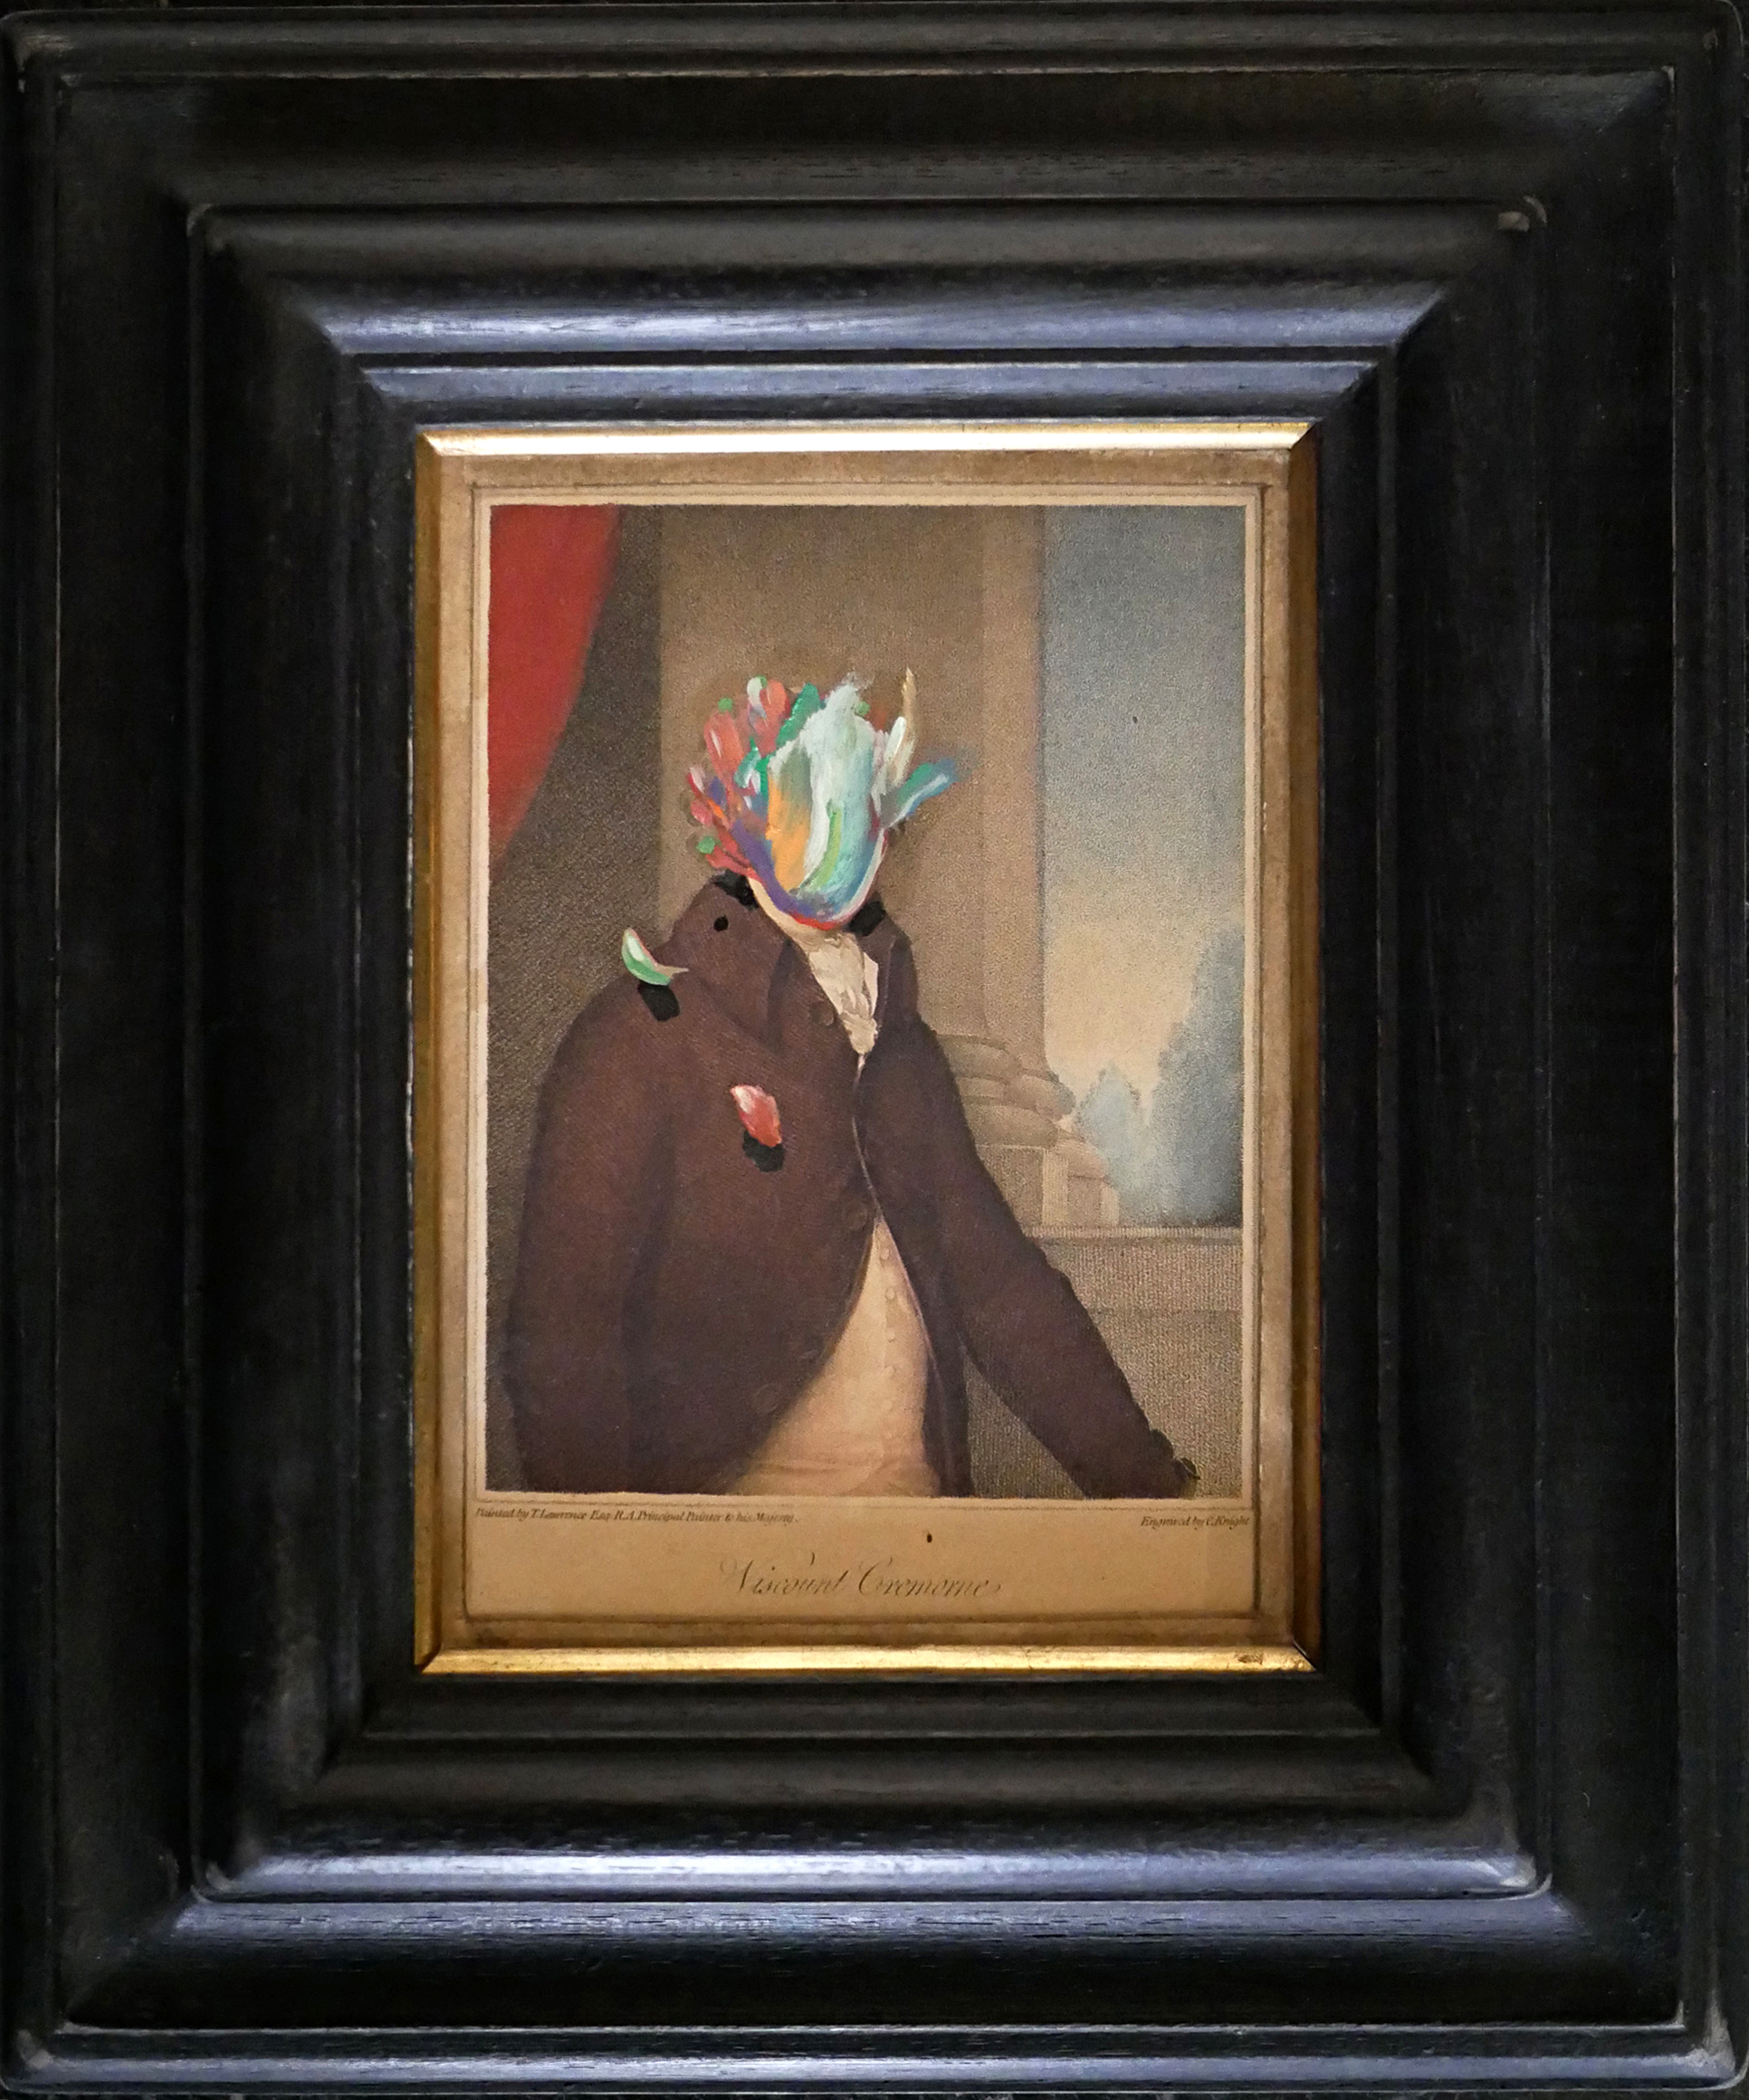 Caballero de la Triste Figura, 2018, Peinture à l'huile sur gravure anglaise du 19e siecle, 30 x 25 cm